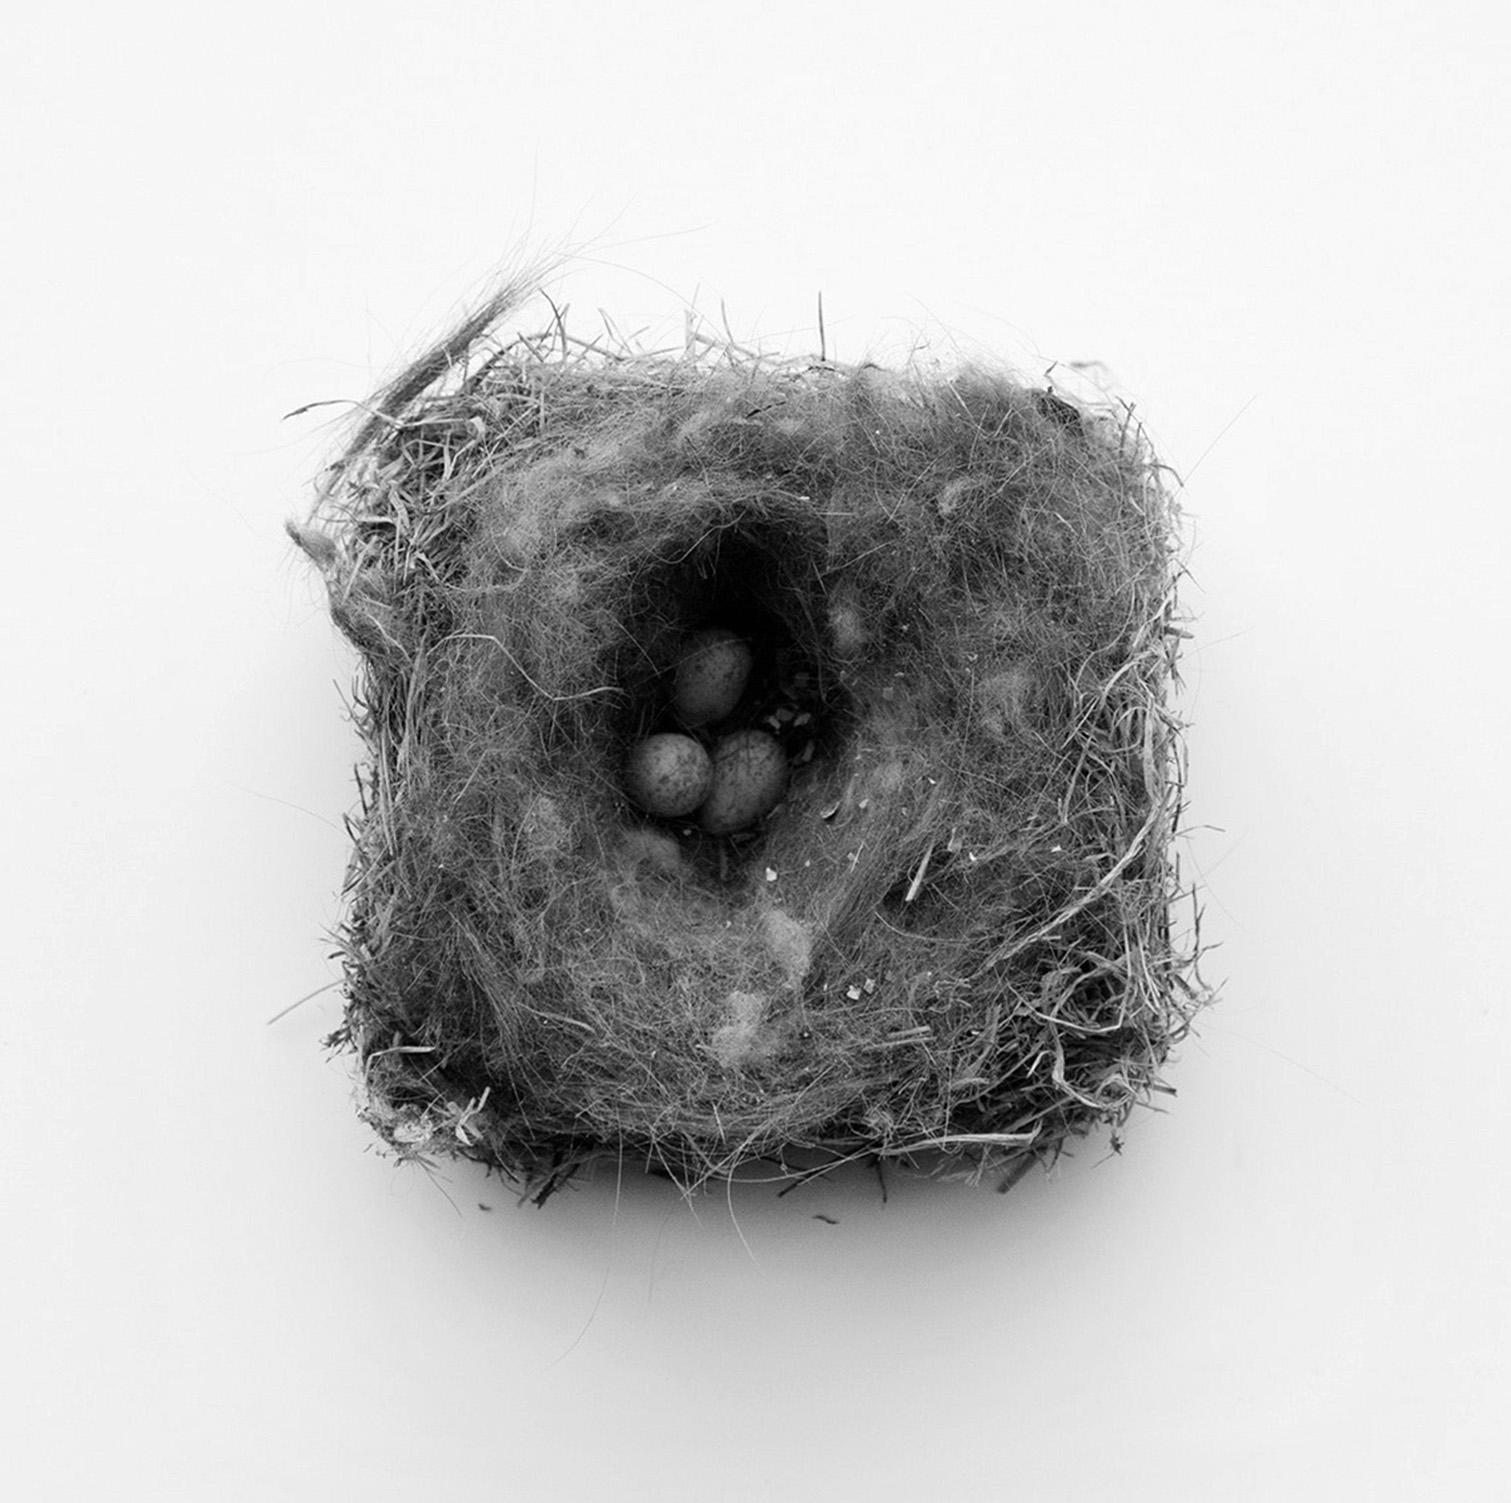 Nest #2654, 2017, archival pigment prints, 10 x 10 in, $950; 16 x 16 in, $1,500